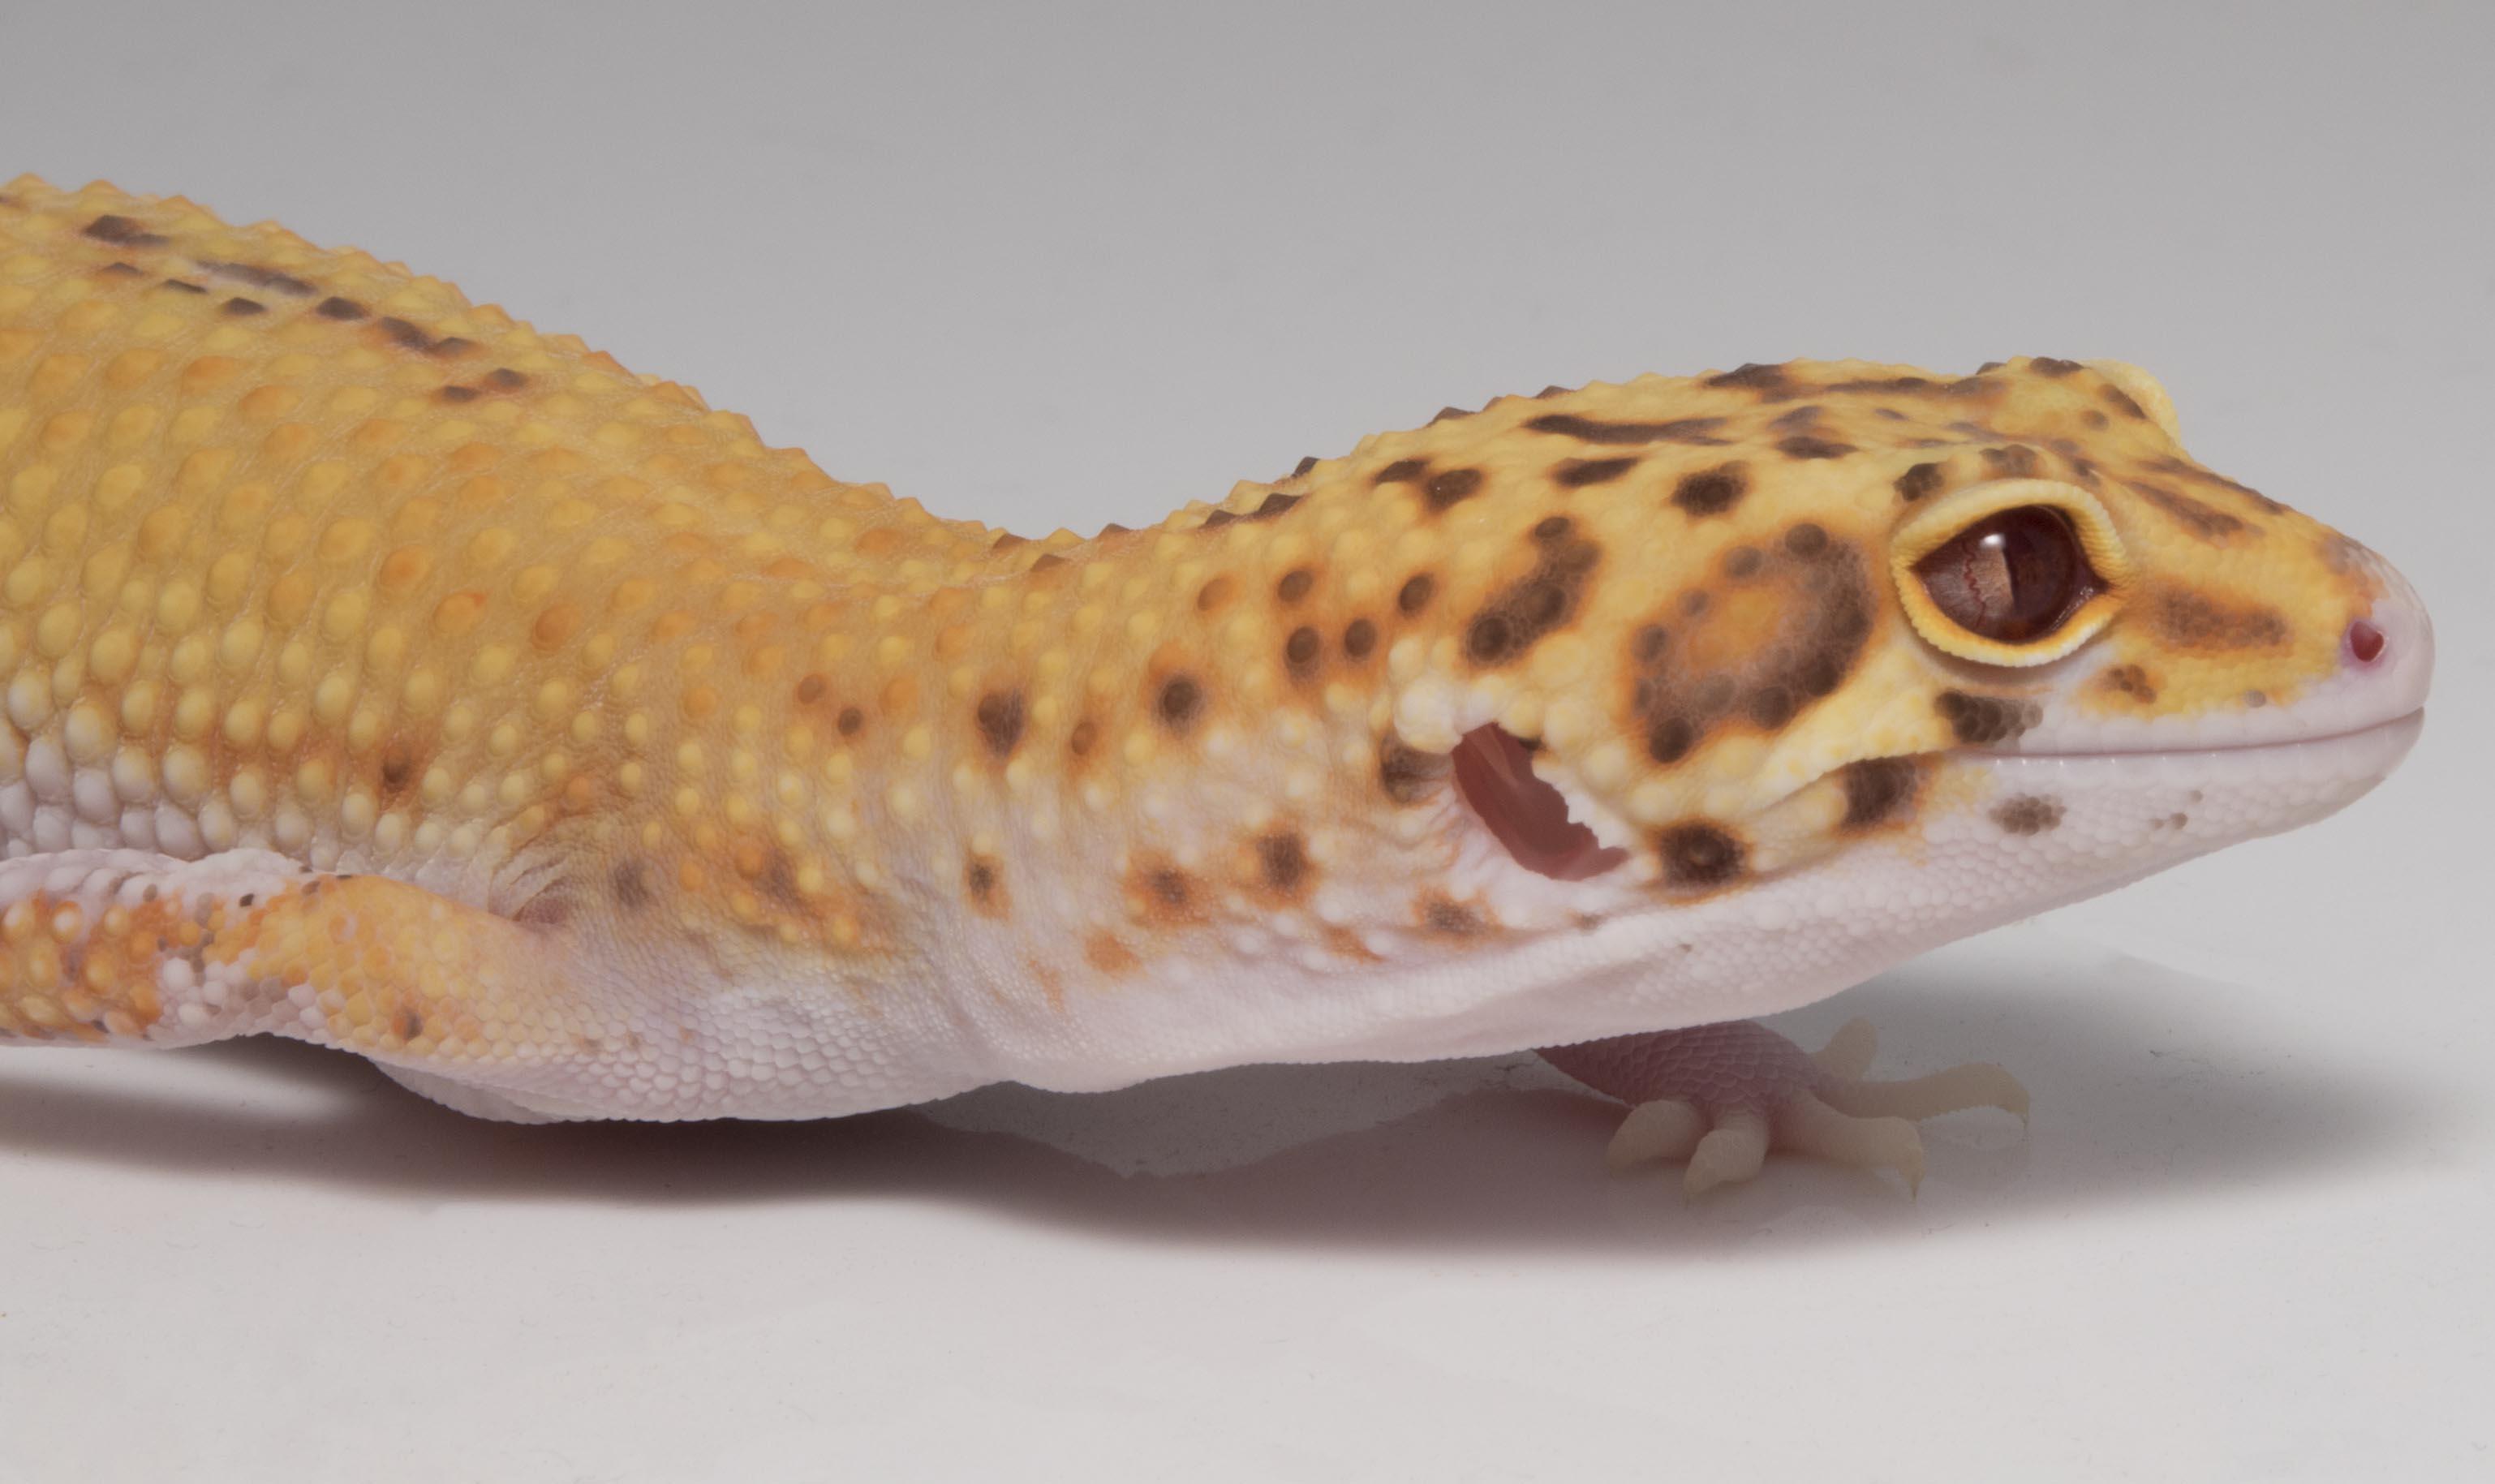 Mercury Vapor Bulb Reptile